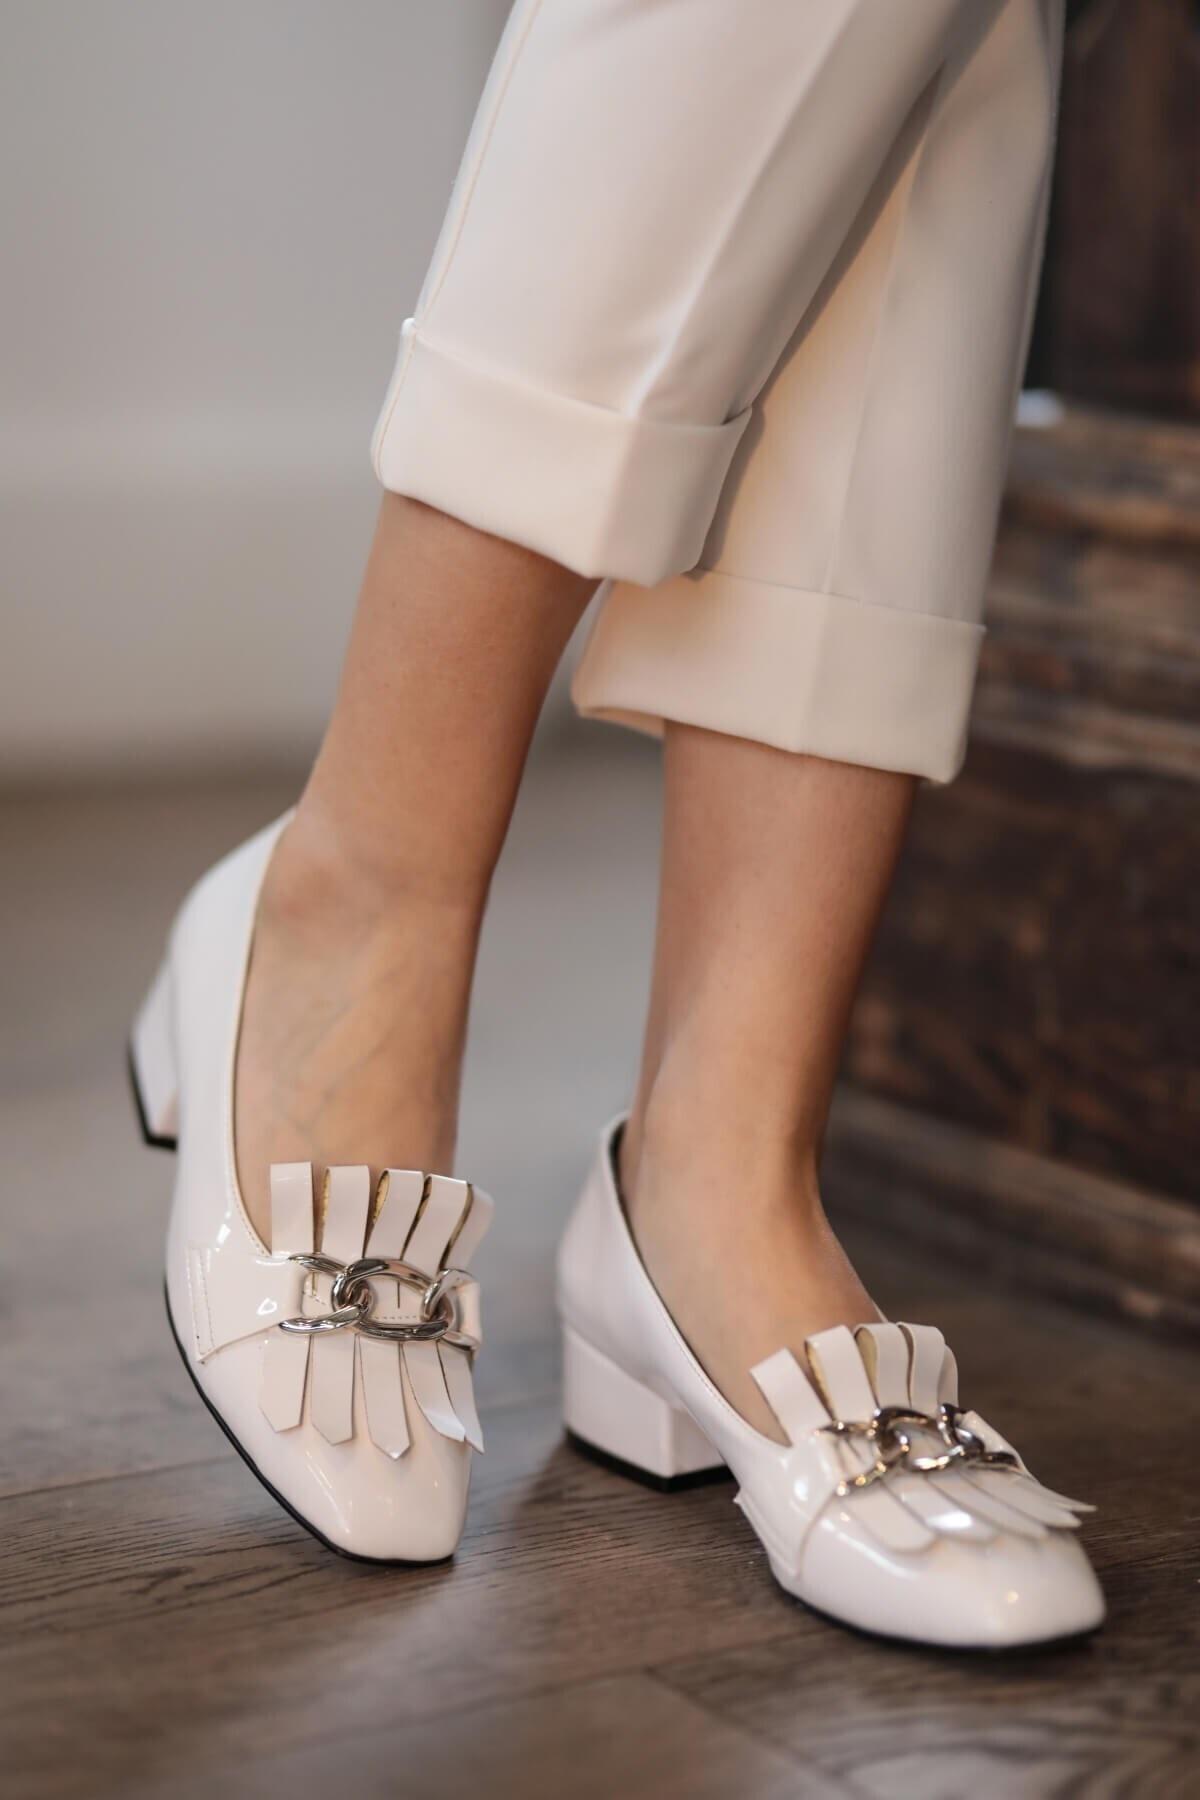 Lottie Beyaz Rugan Topuklu Ayakkabı